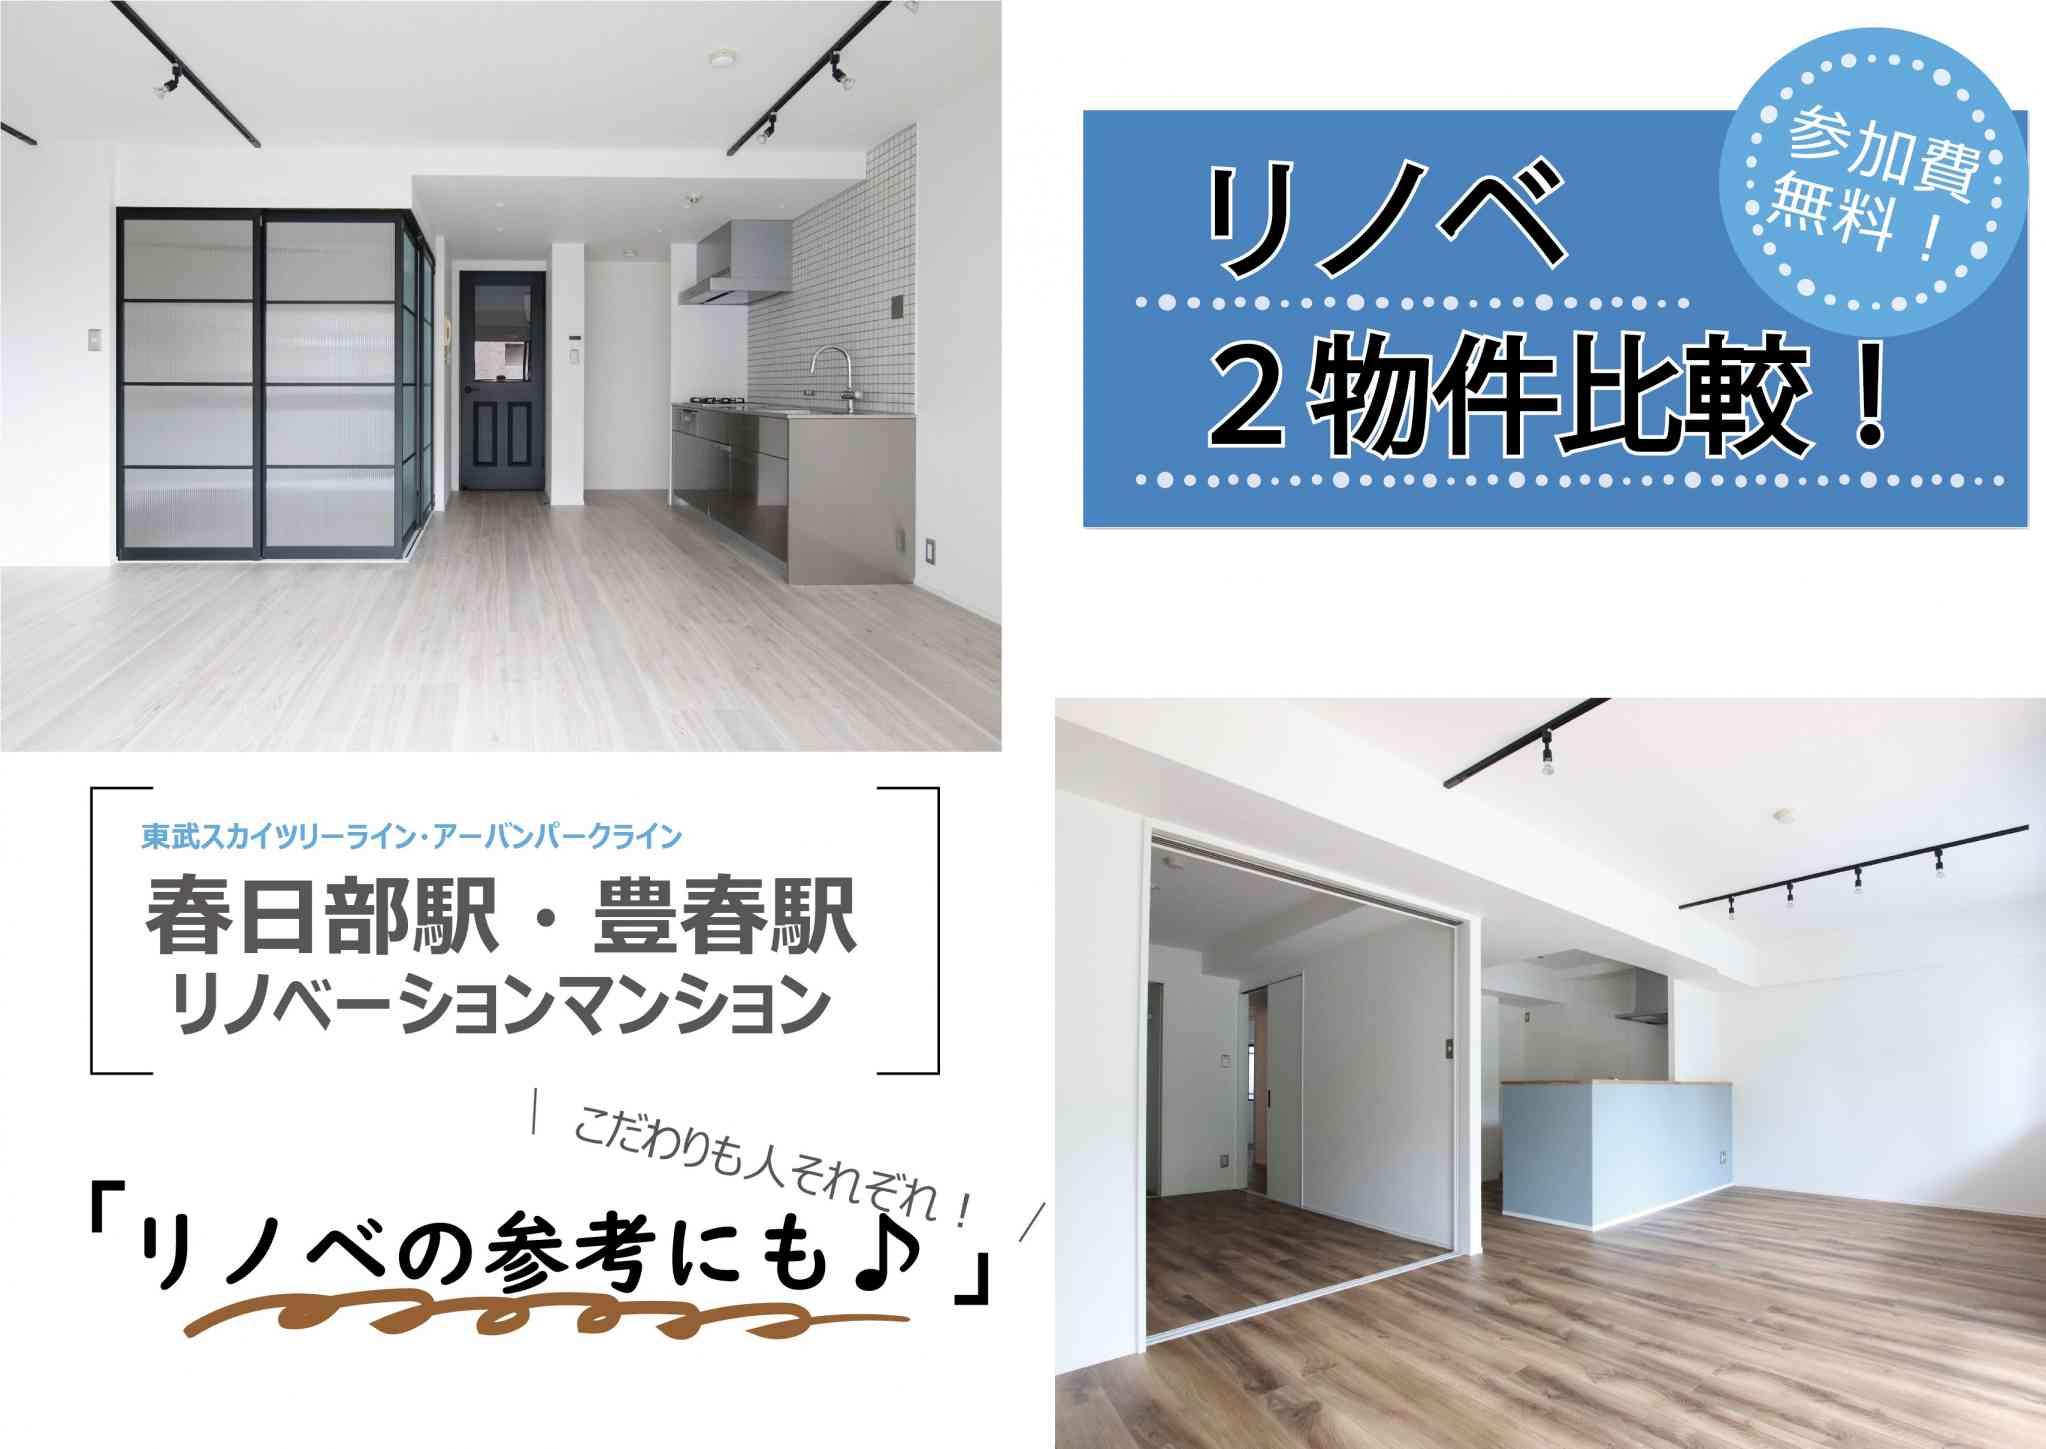 【春日部市】リフォームとリノベーションの比較見学会!